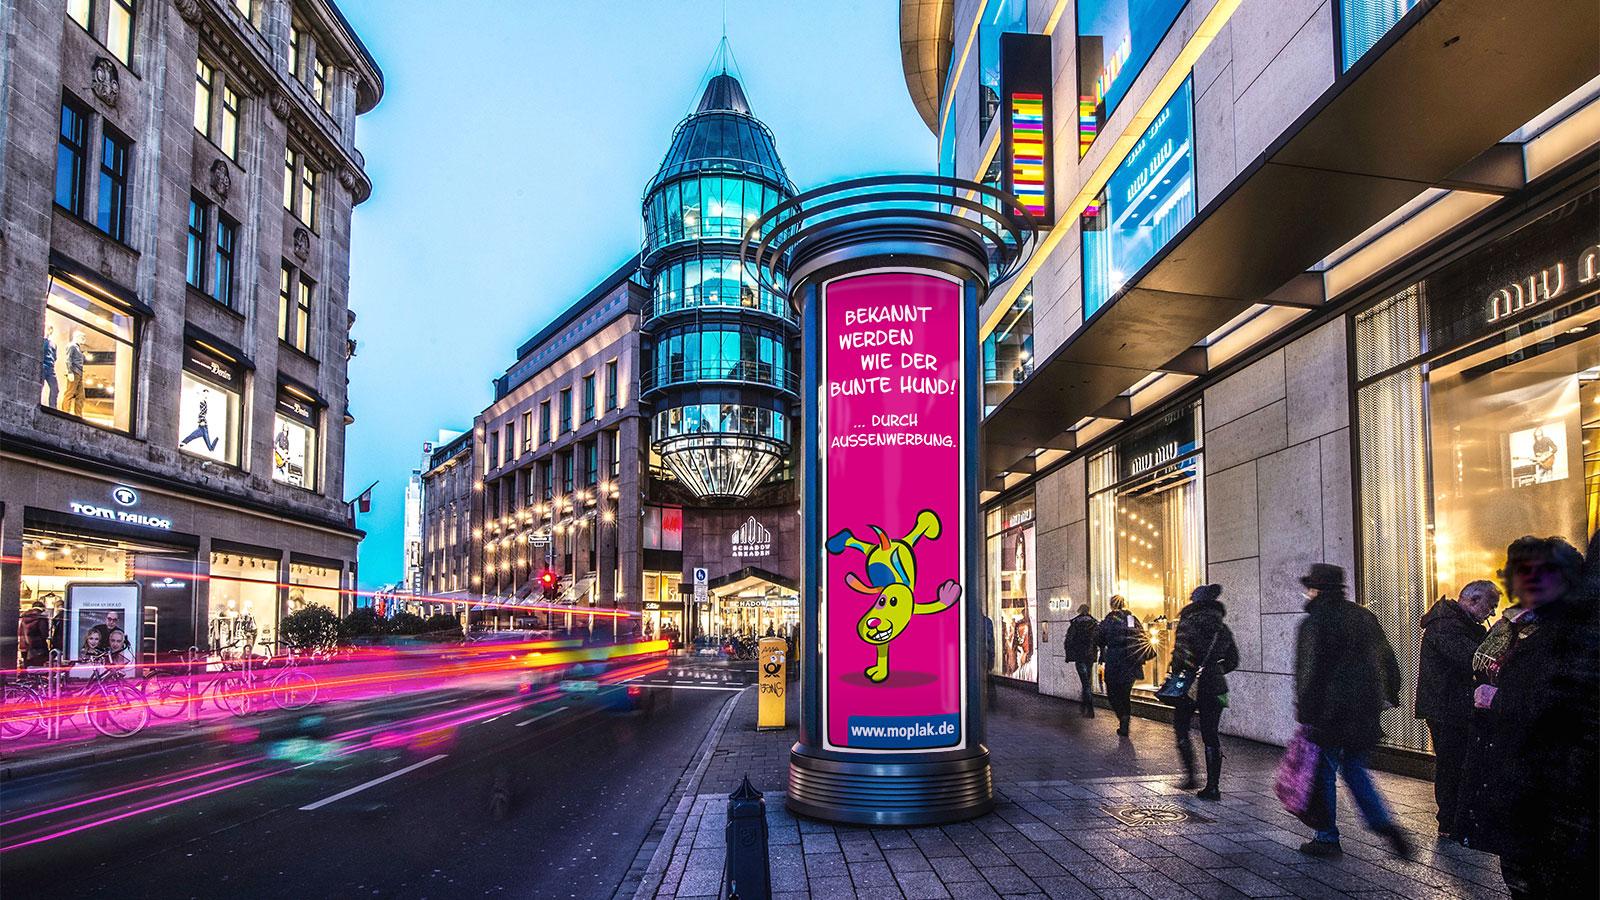 Wuerzburg-Aussenwerbung-Litfasssaeule-Werbung